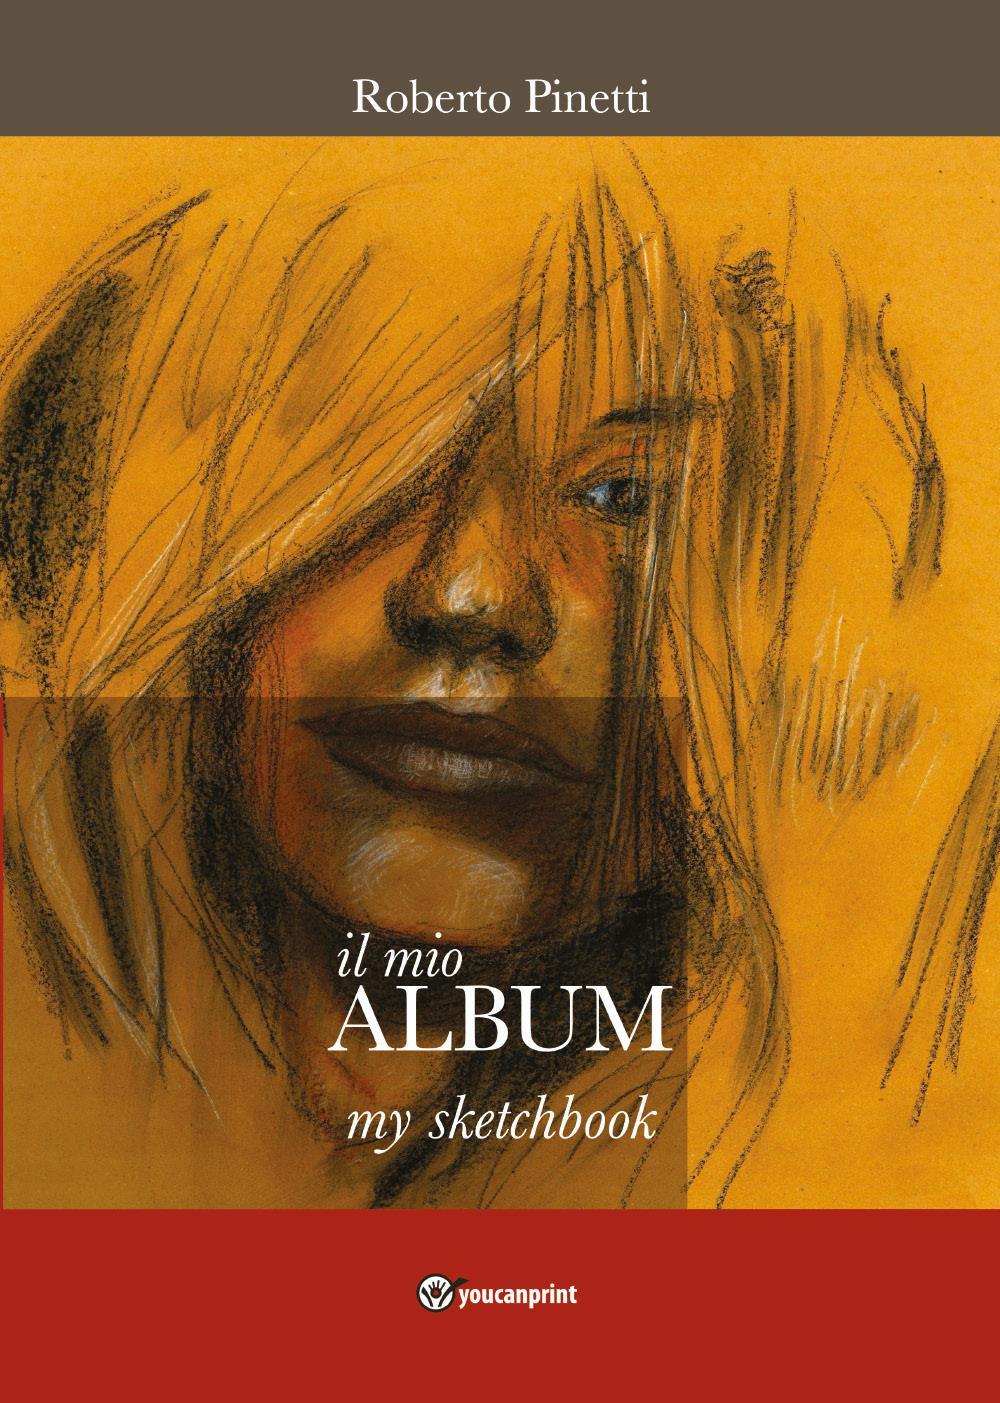 Omnia Vincit Amor - L'Amore vince su Tutto